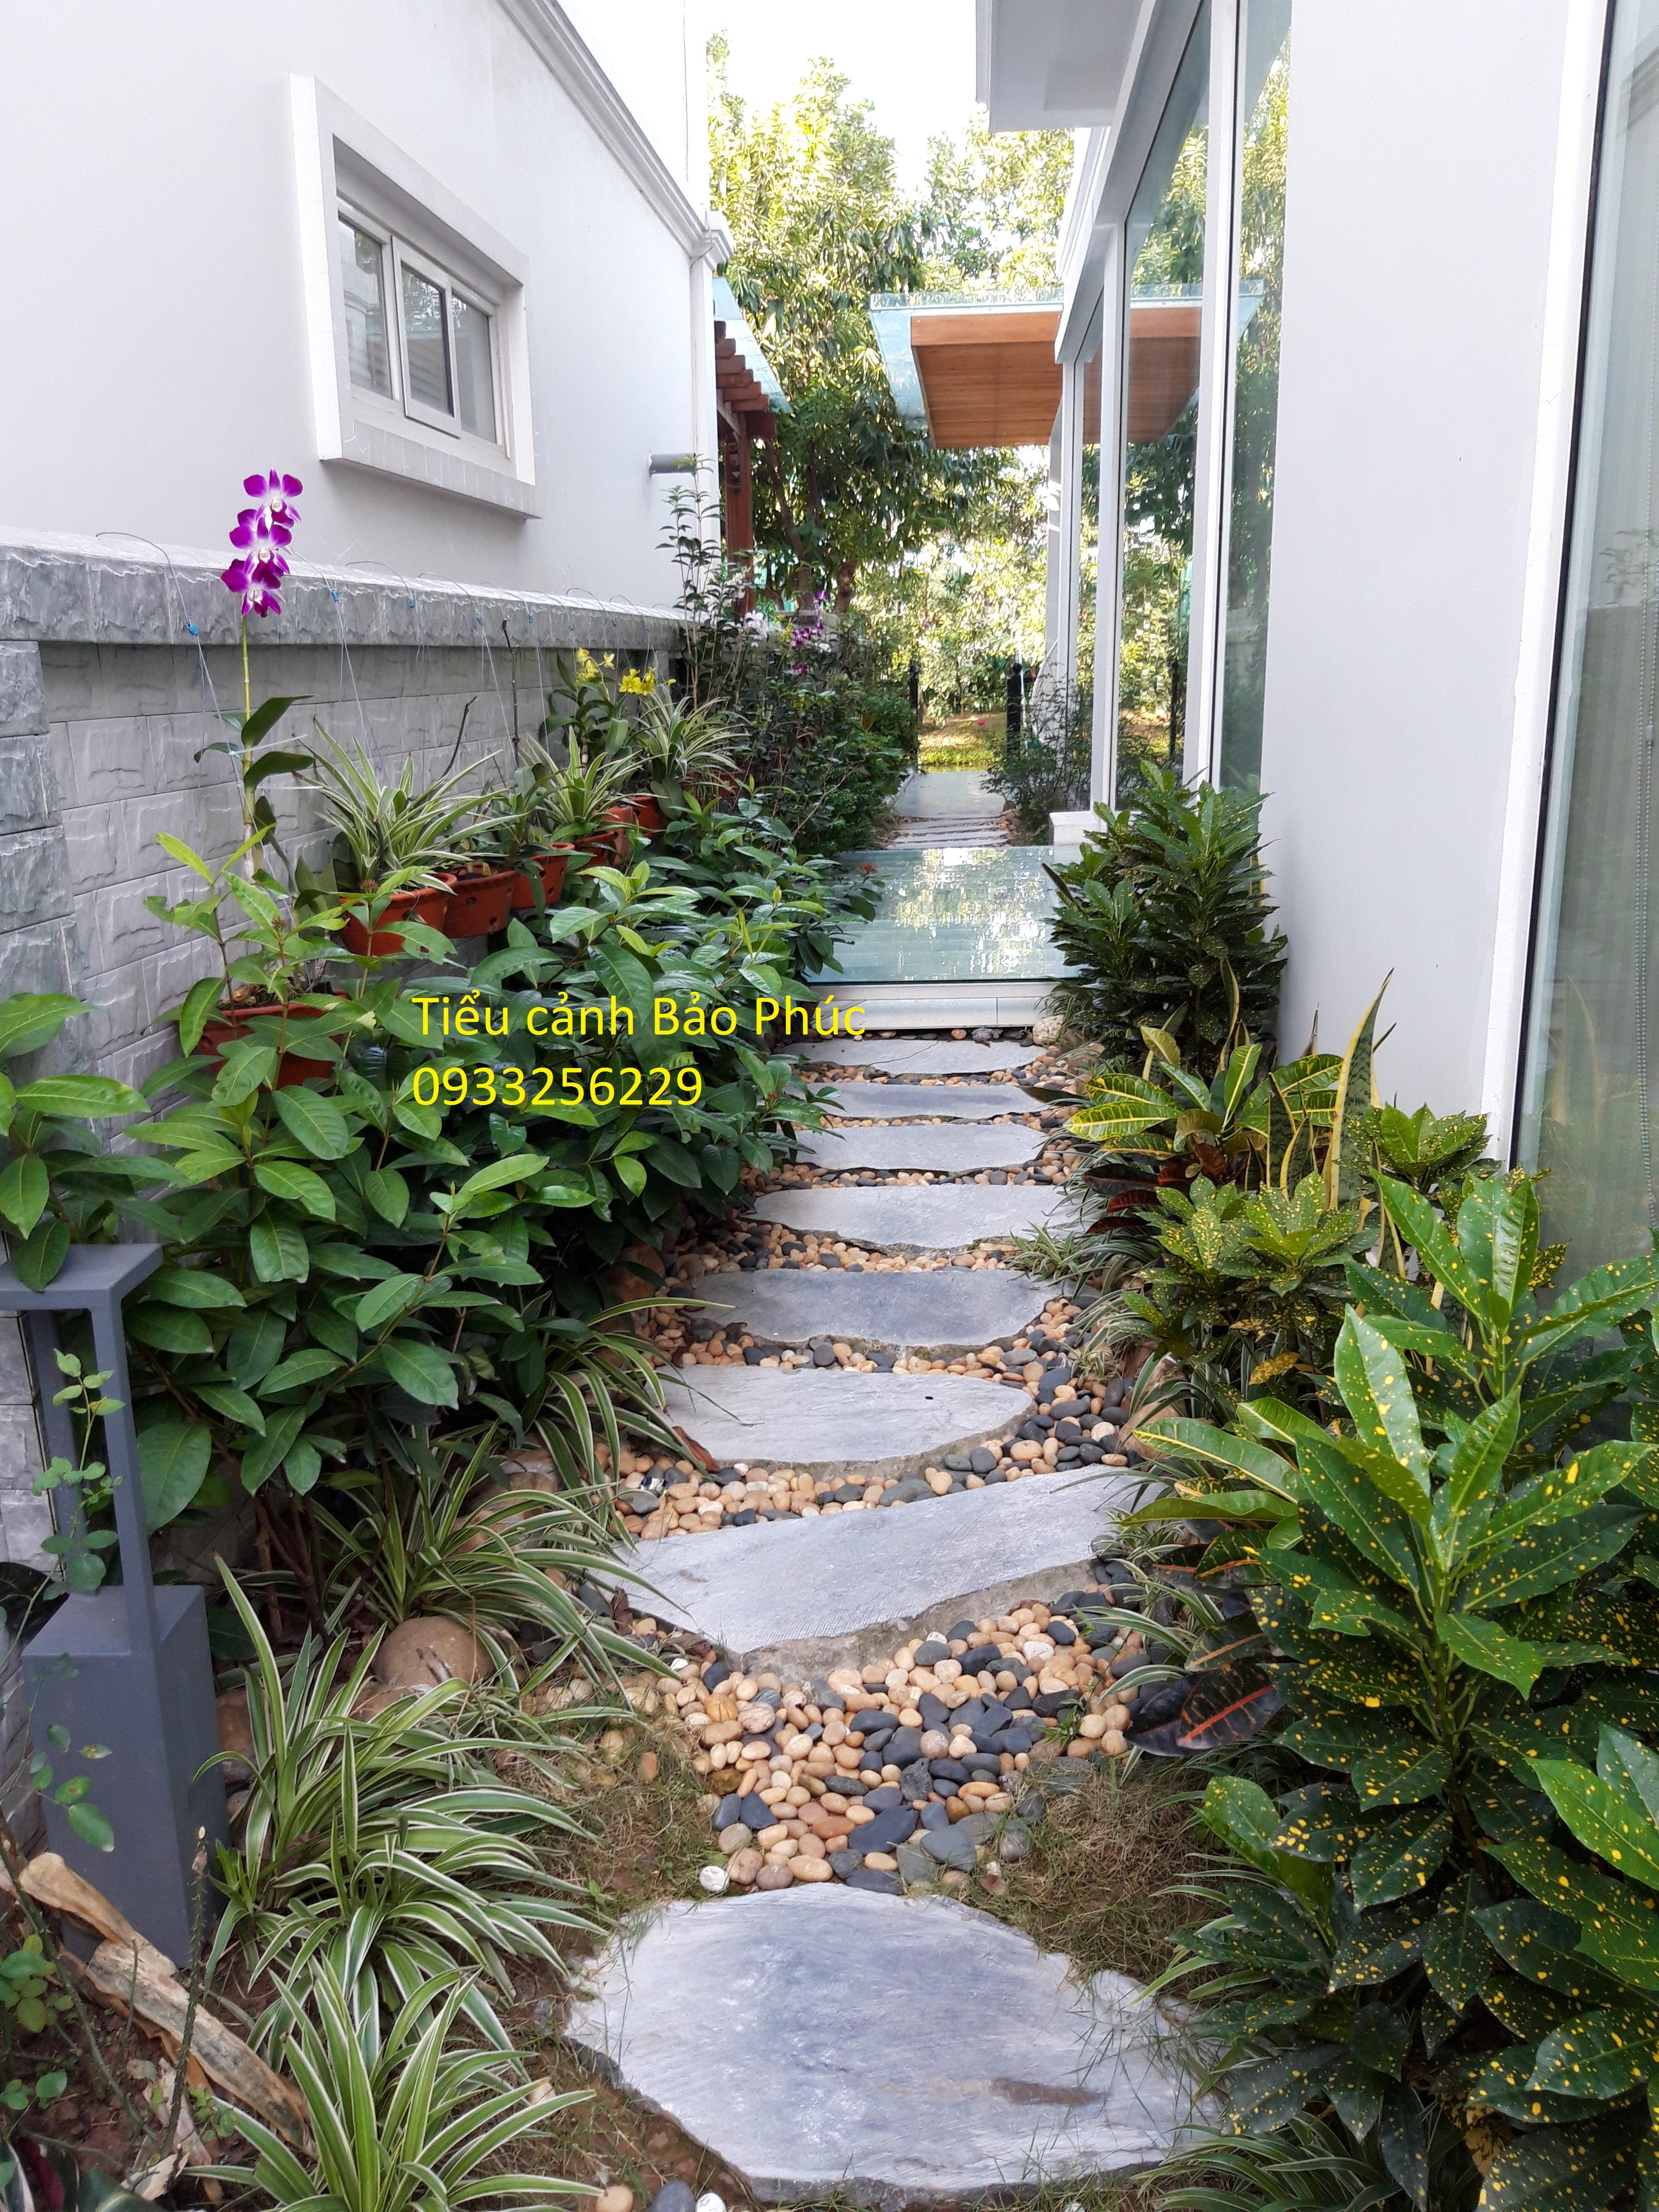 Sân vườn tại Hoa Phượng 844 Vincom Long Biên